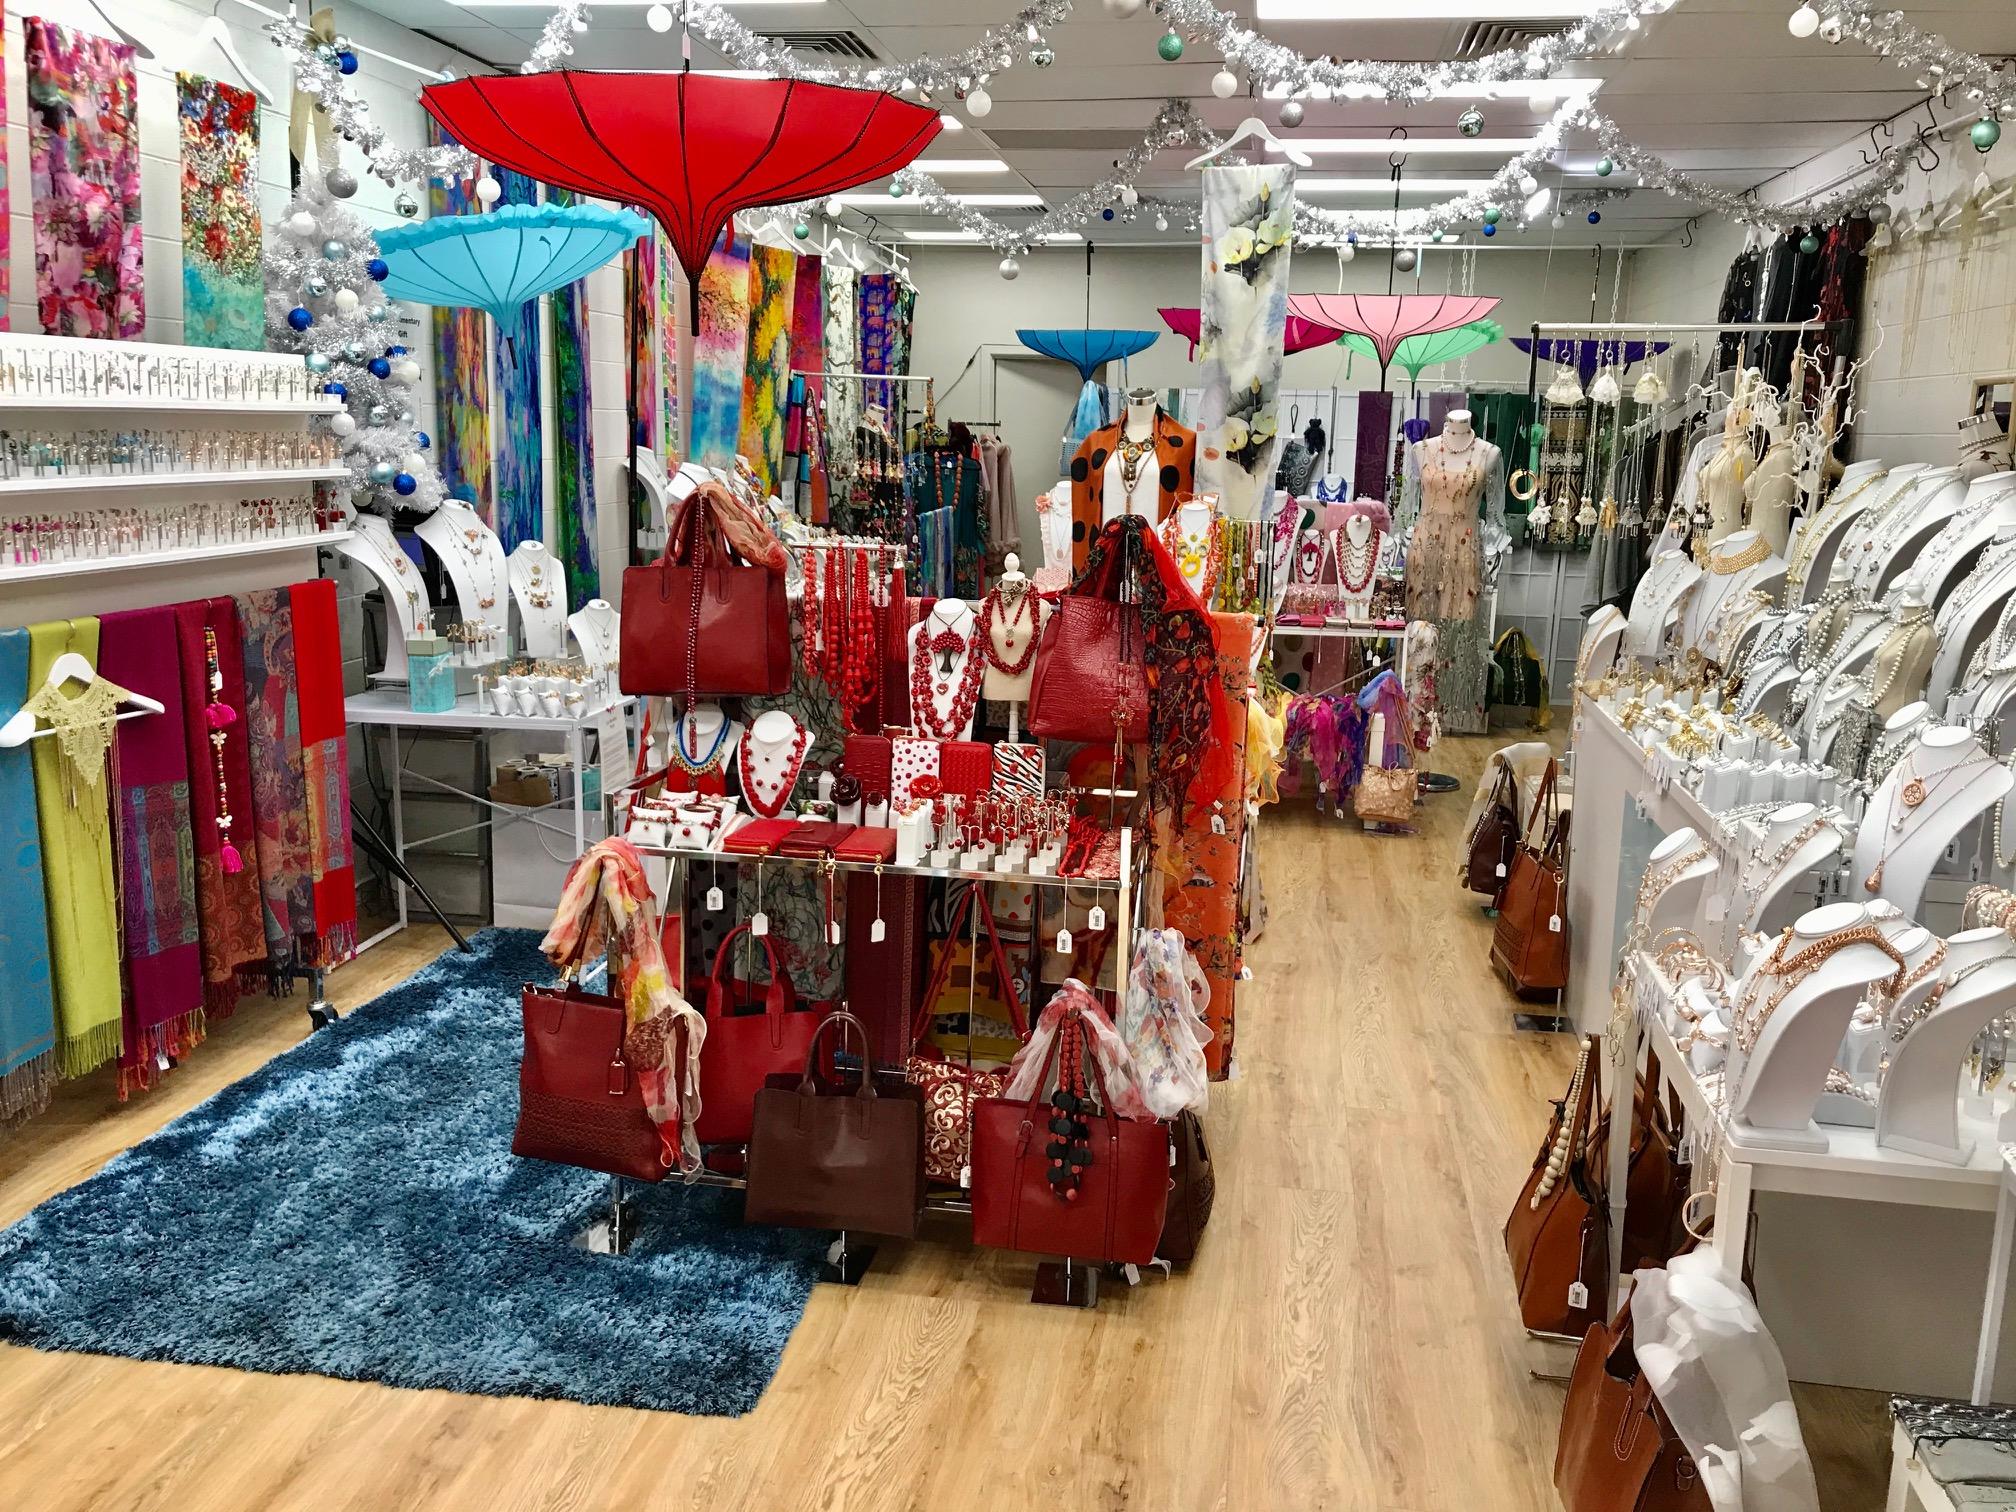 Shop 10 - Pure Pop Up shop set up